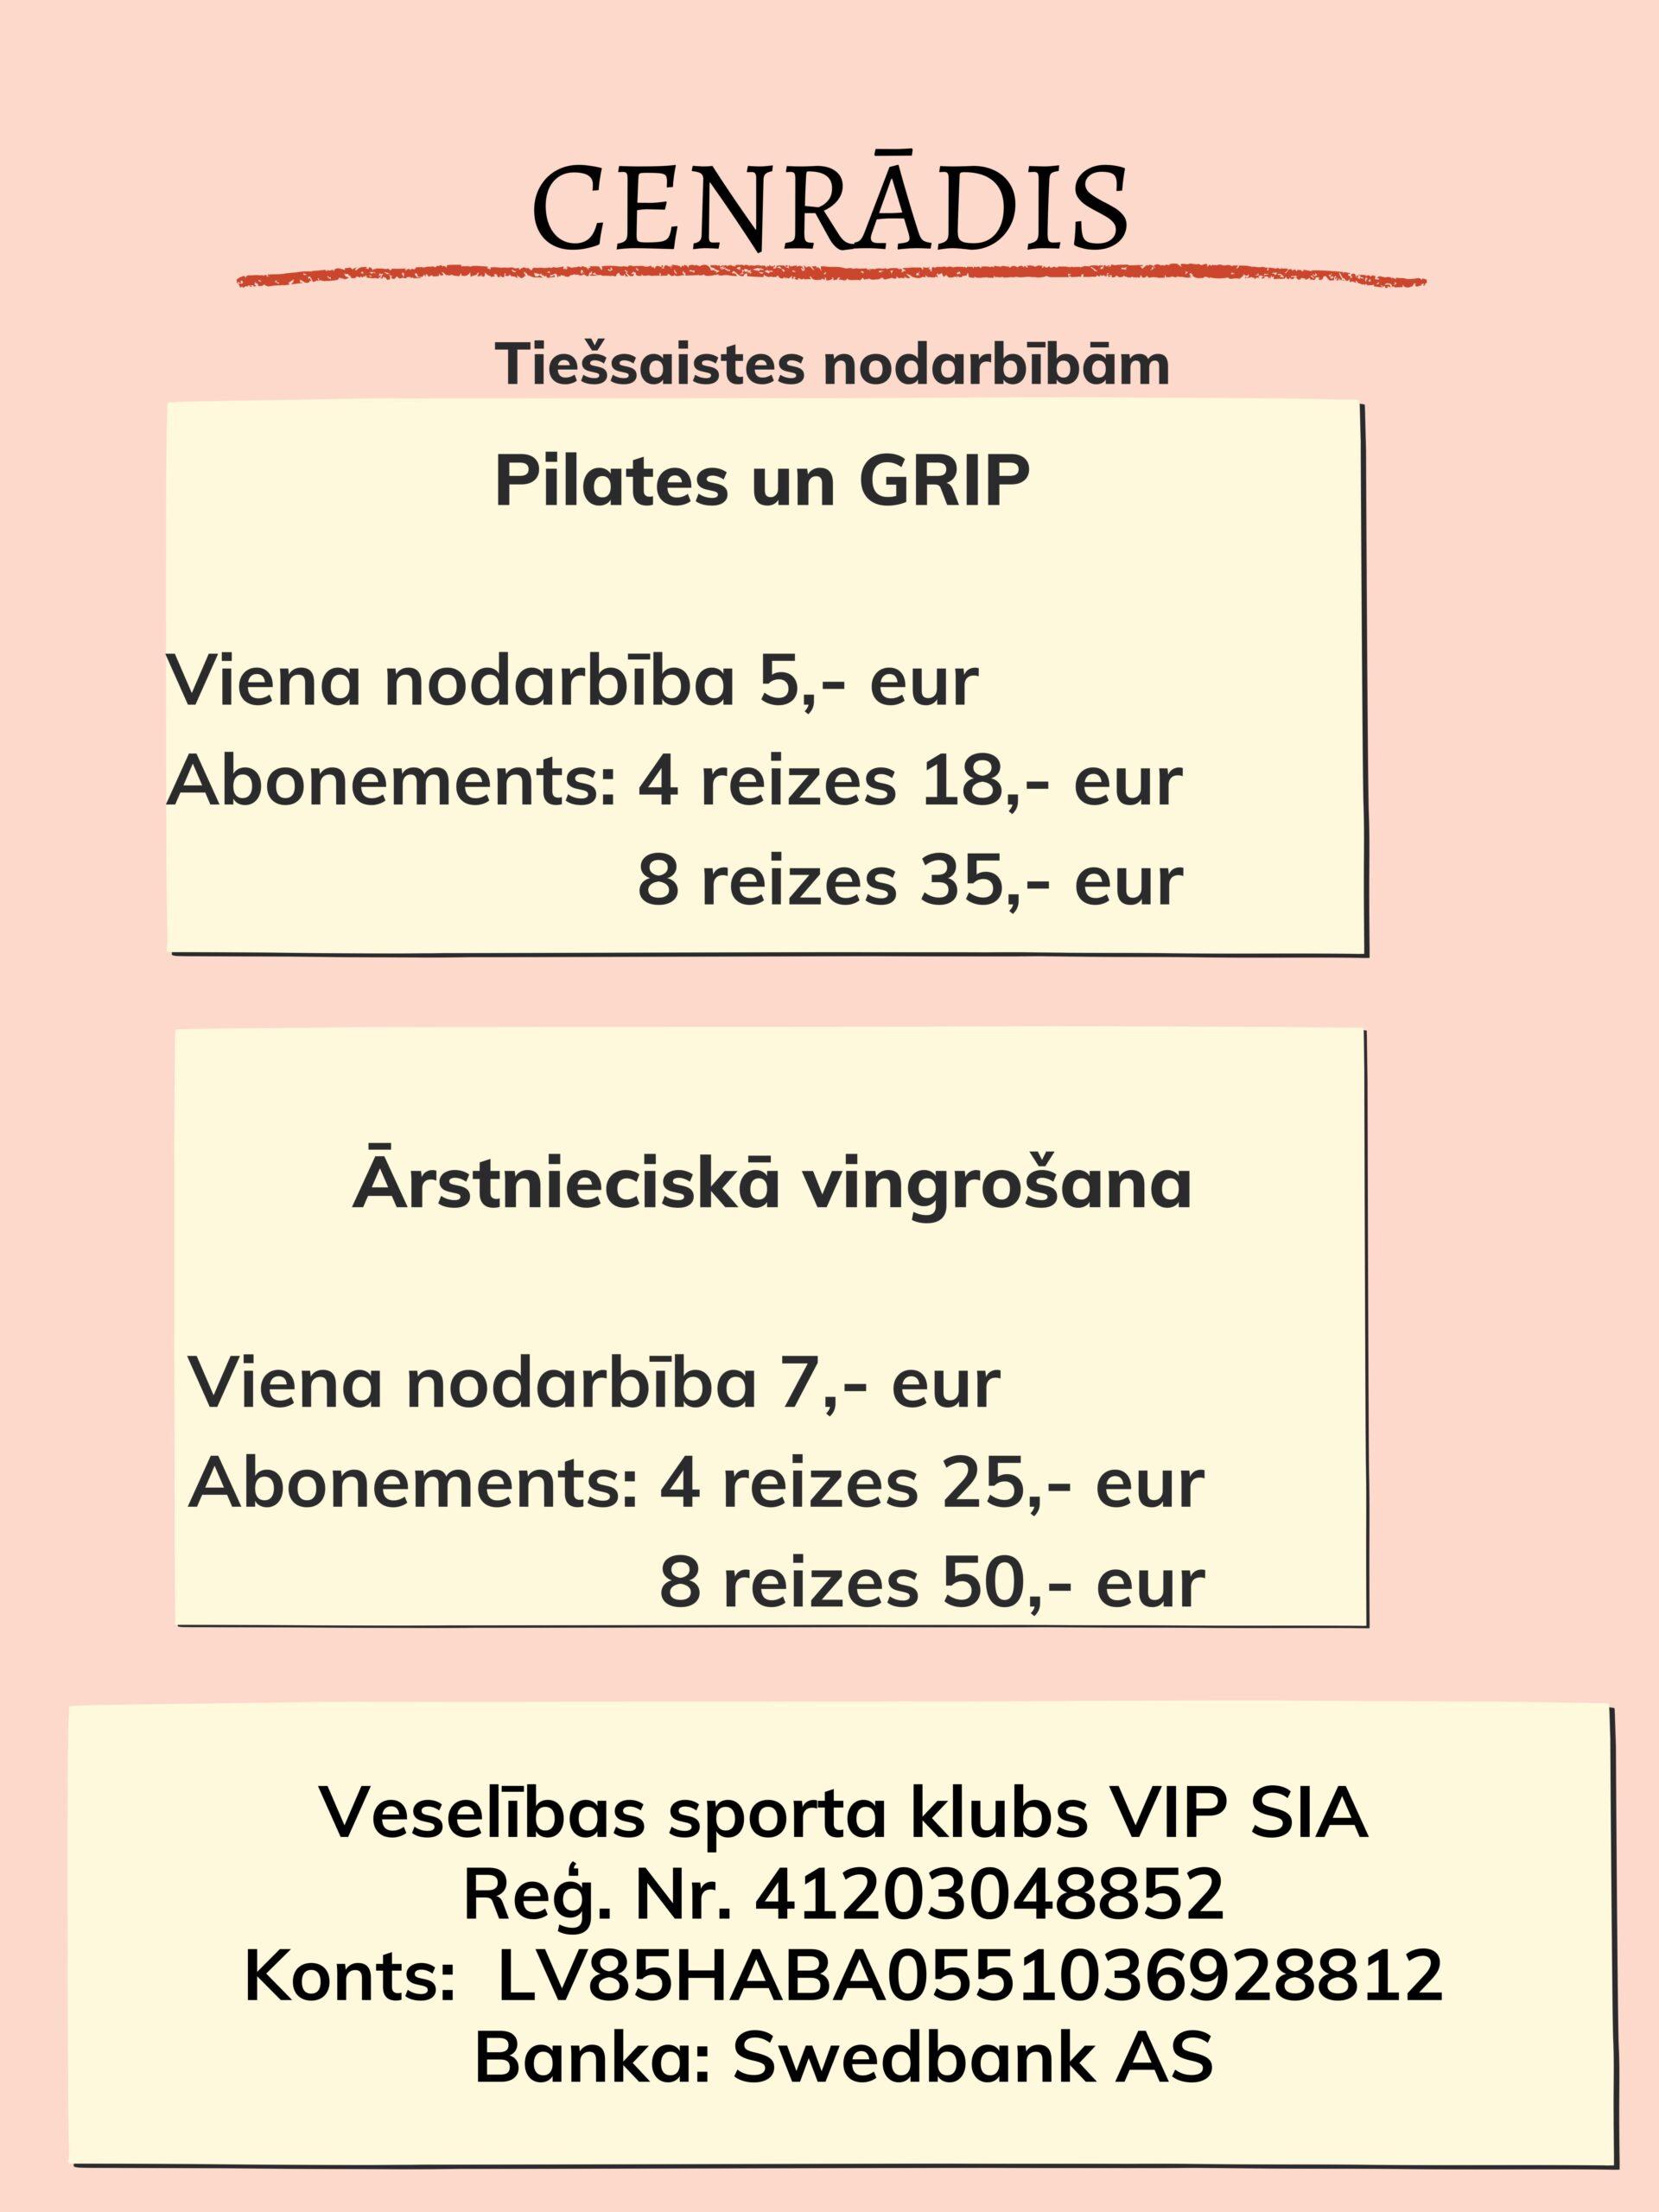 Veselības sporta klubs VIP SIA Reģ. Nr. 41203048852 Konts:  LV85HABA0551036928812 Banka: Swedbank AS  Maksājuma mērķis: Pilates, Grip, Ārstnieciskā vingrošana. E-pasts uz kuru sūtīt Zoom saiti: